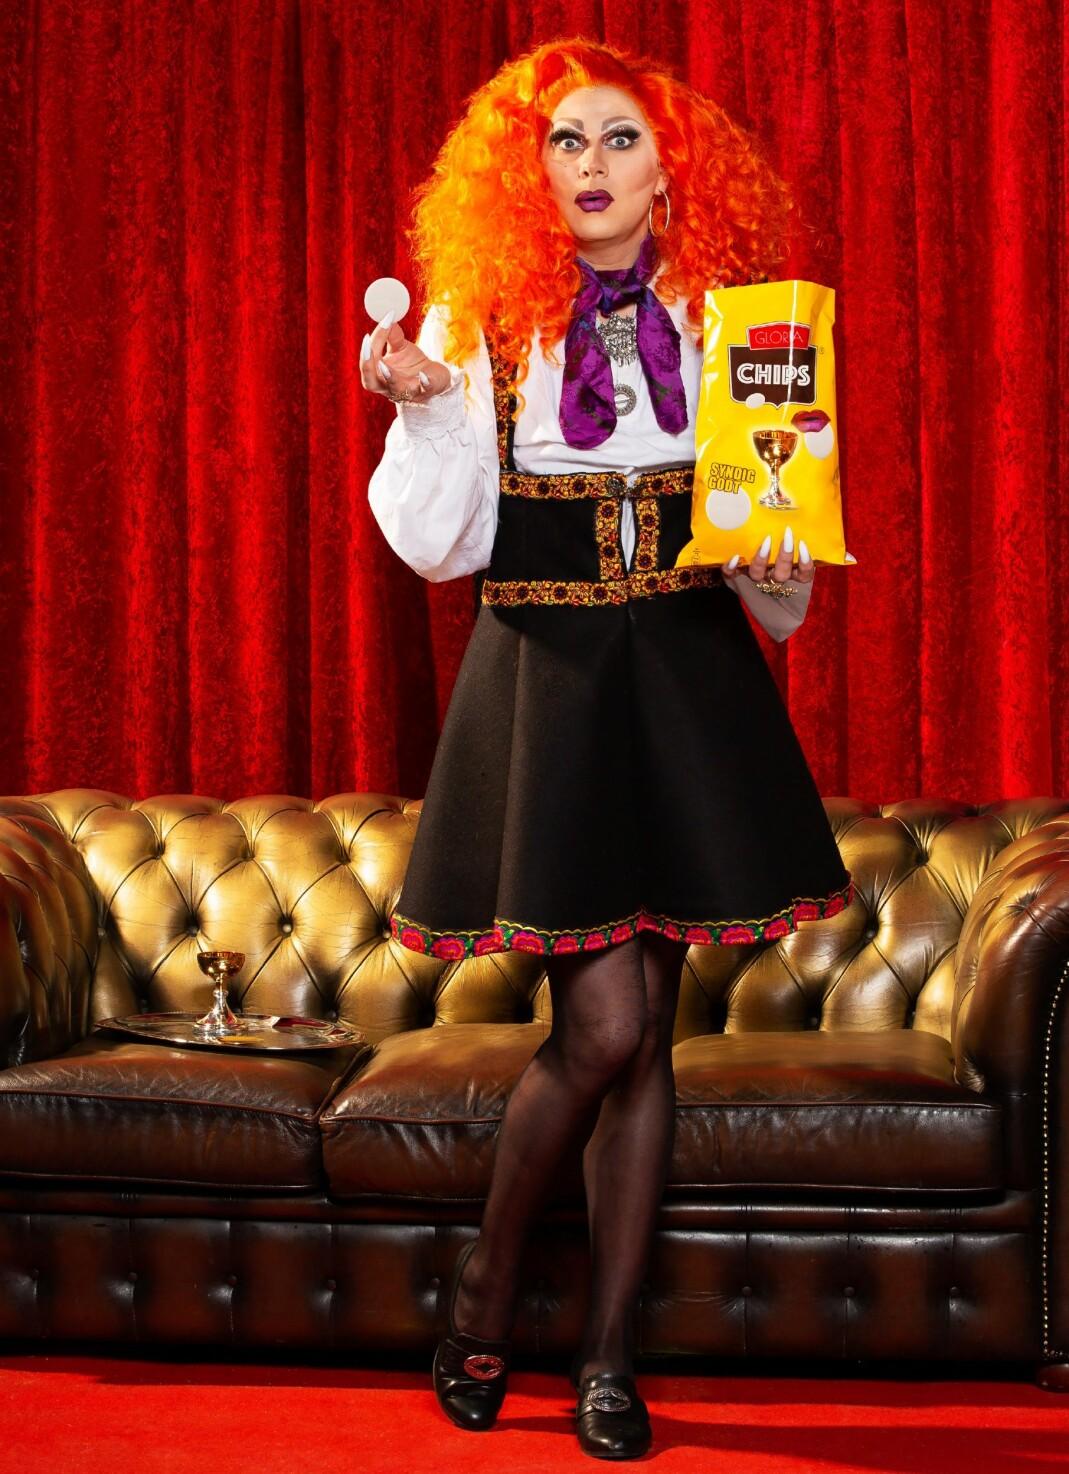 Gloria Mundi, kjent fra dragtruppen X-Dolls, er en av mange dragdronninger som er portrettert i boka «Parykker, stiletter og frigjøring».